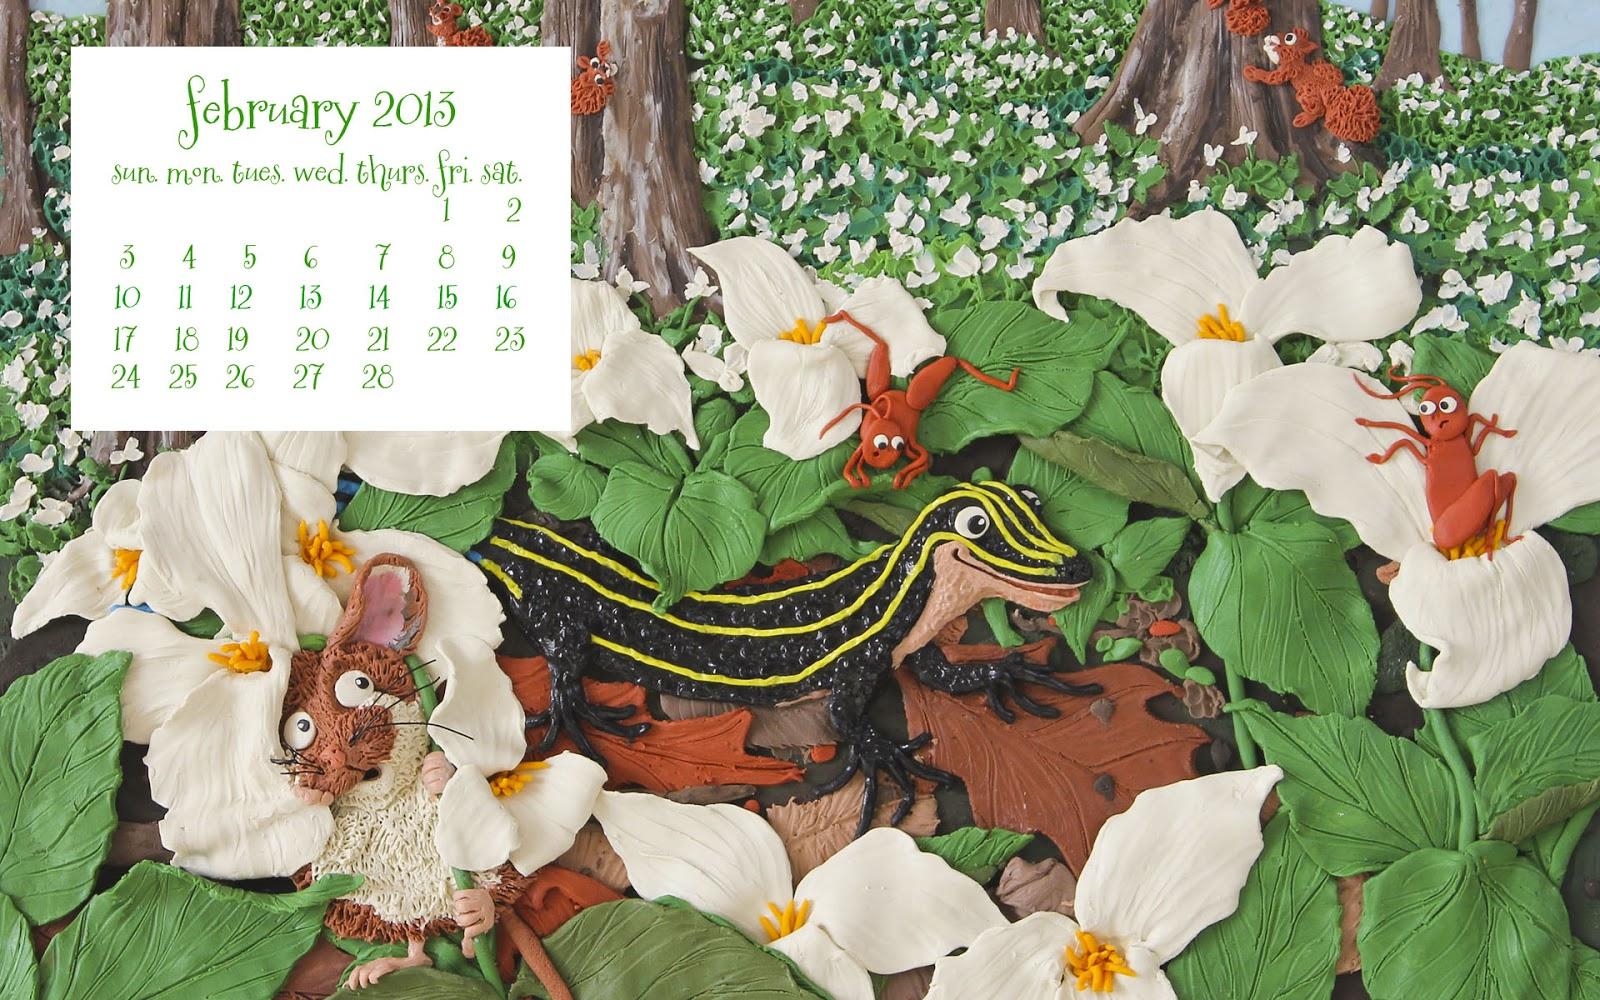 http://2.bp.blogspot.com/-SttWJi5Dj5g/UQwP_WDQglI/AAAAAAAAAjo/mjFxKT4TyeM/s1600/feb2013desktop1920.jpg